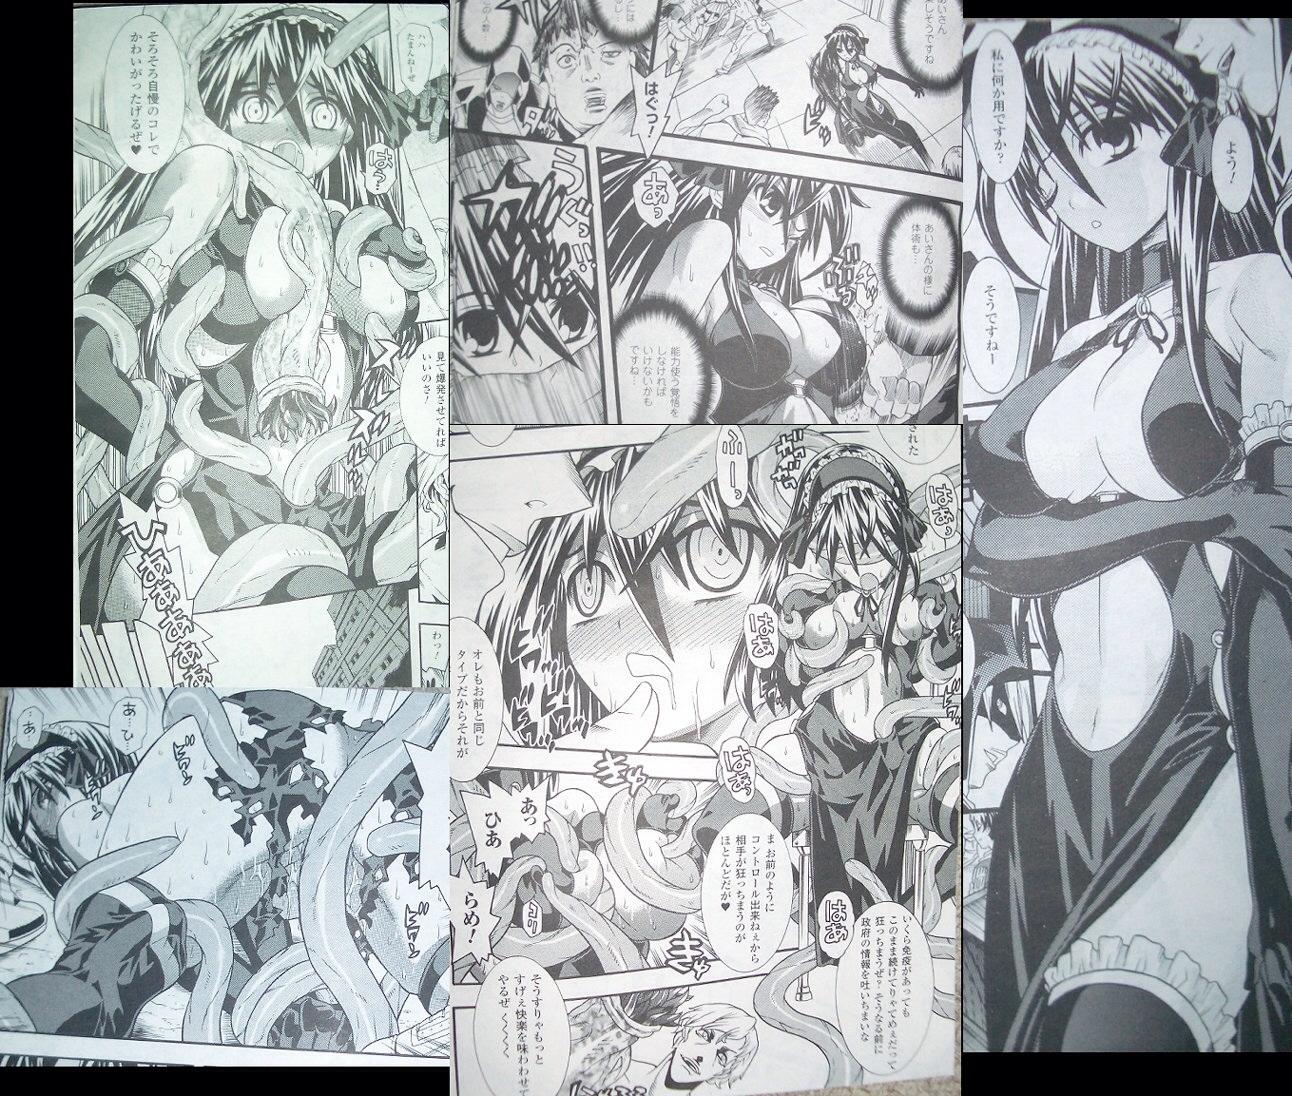 【非18禁】一般誌のエロ漫画スレ2 [転載禁止]©bbspink.com->画像>544枚